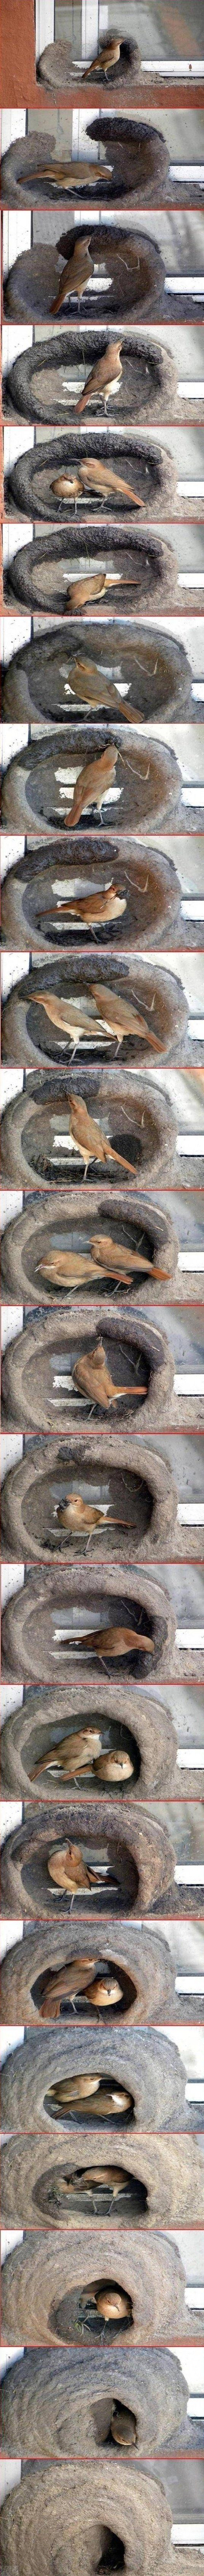 Und so entsteht ein Vogelnest